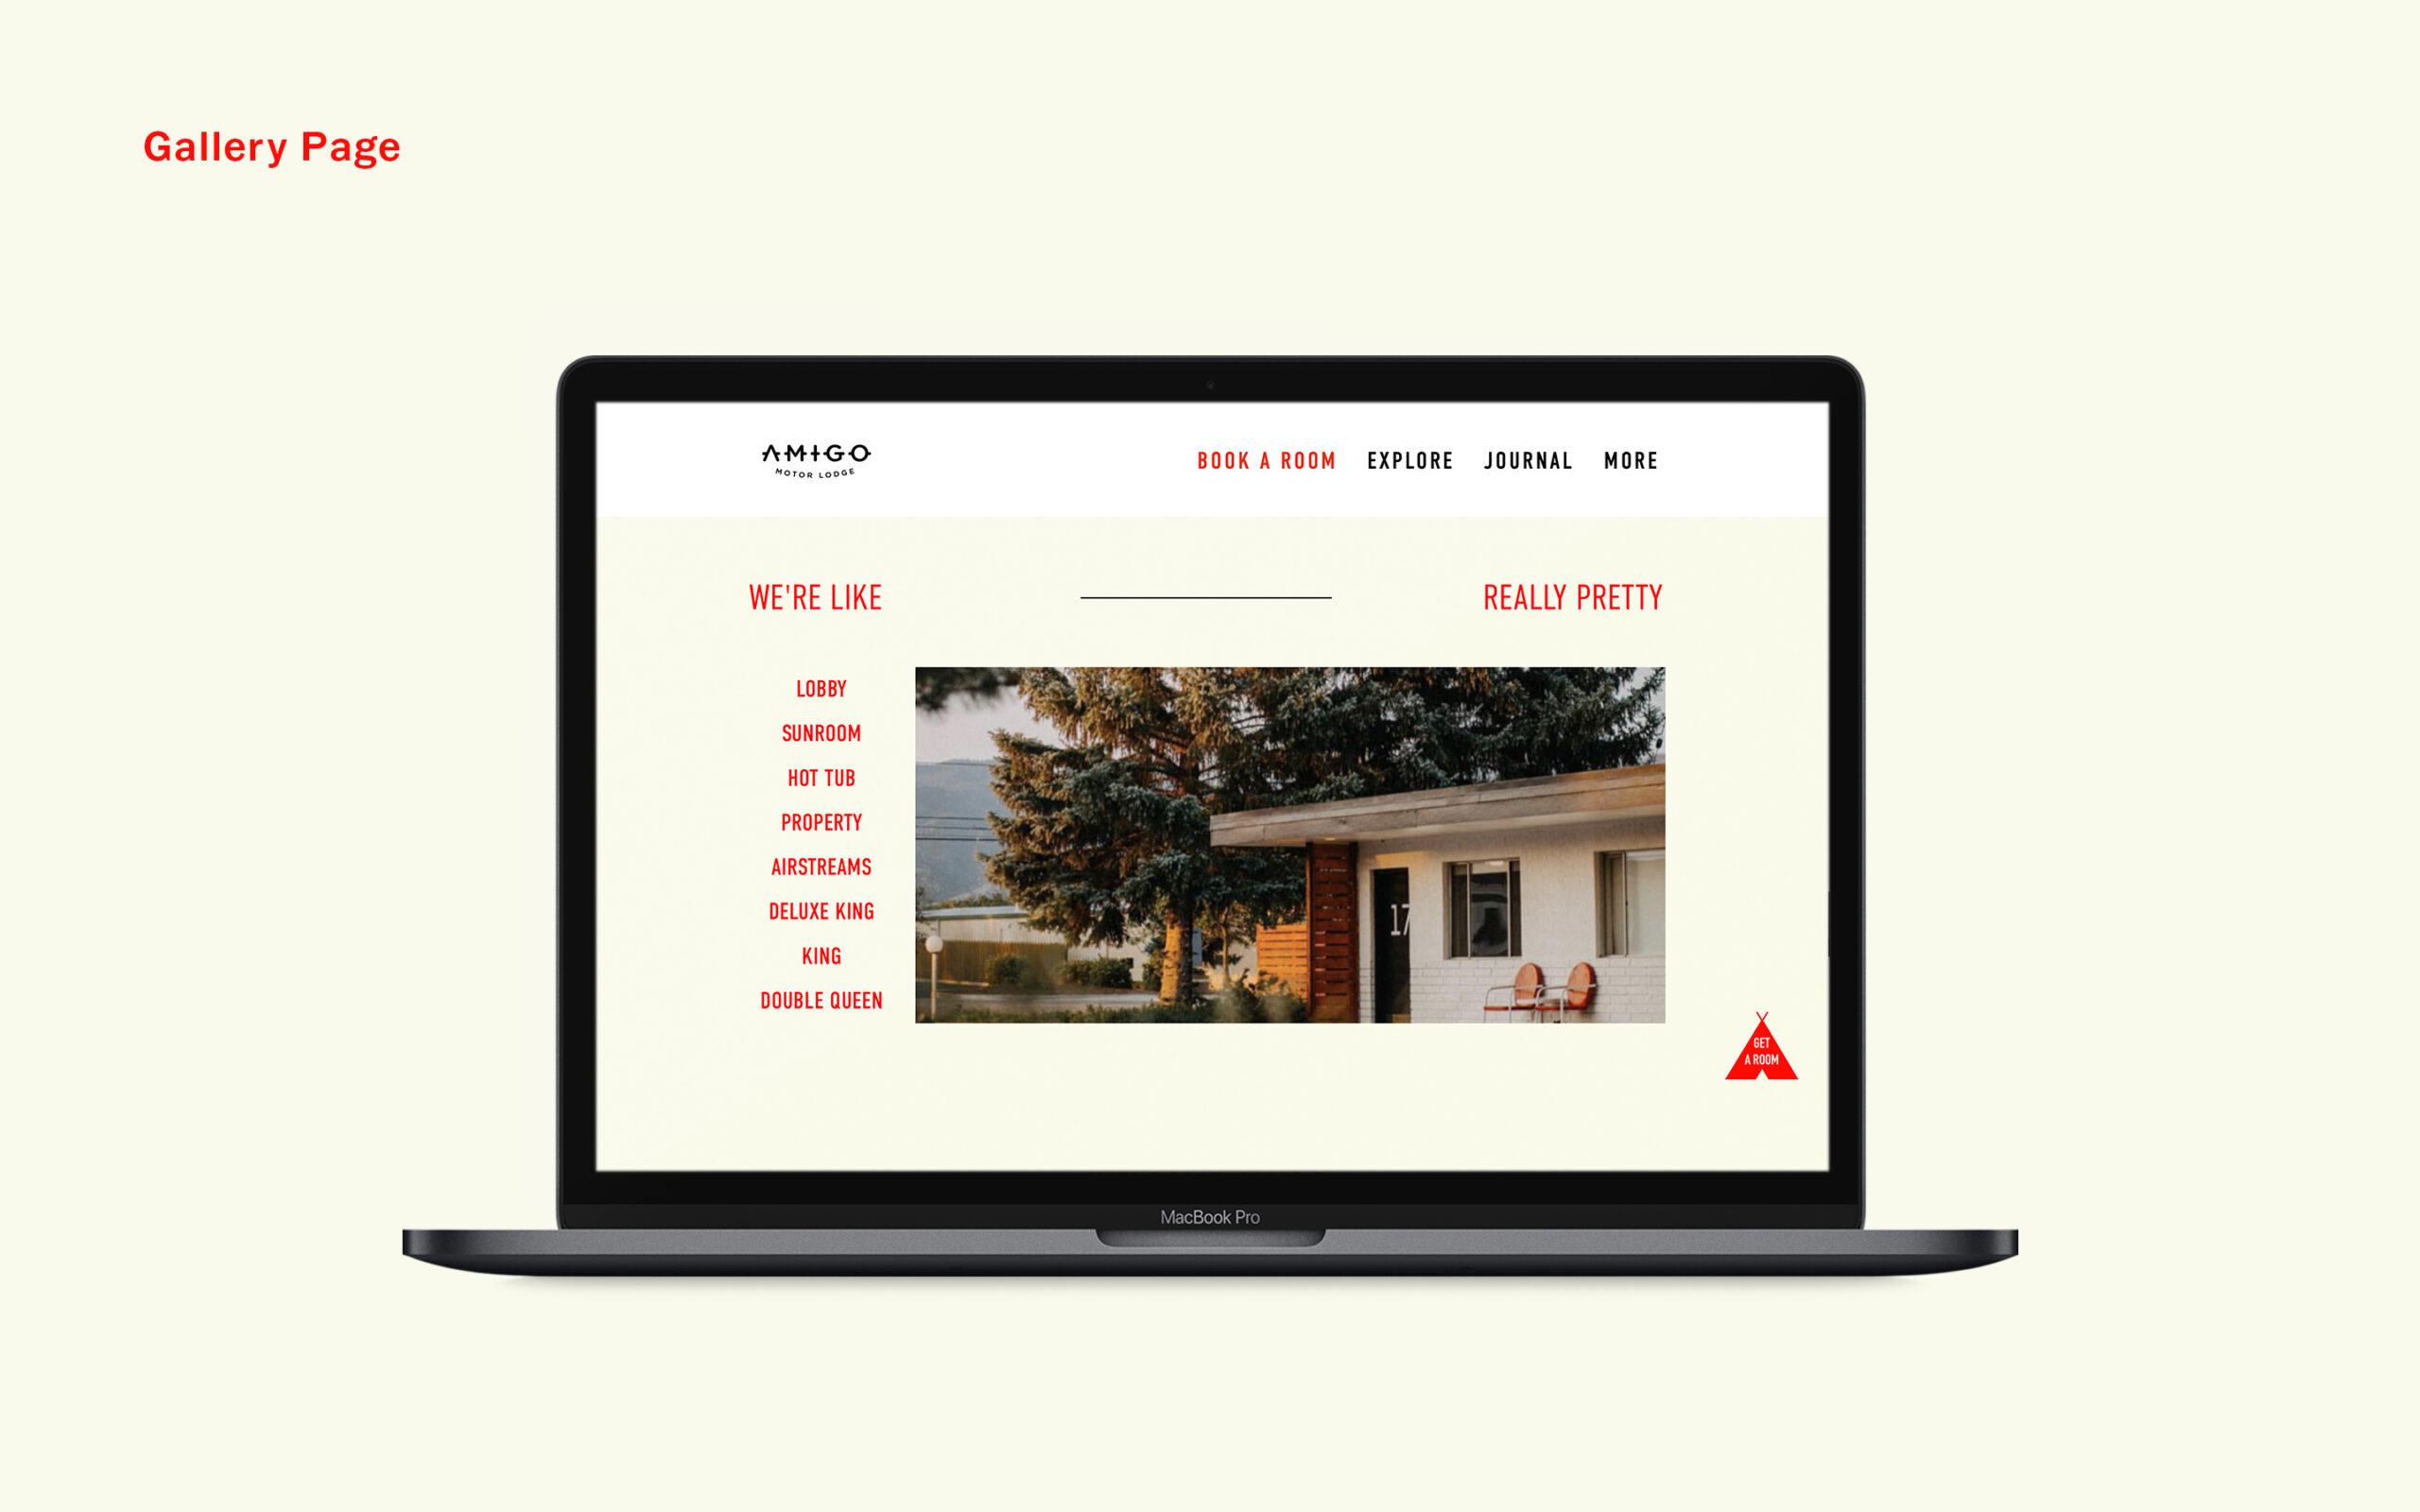 Amigo-04-Gallery